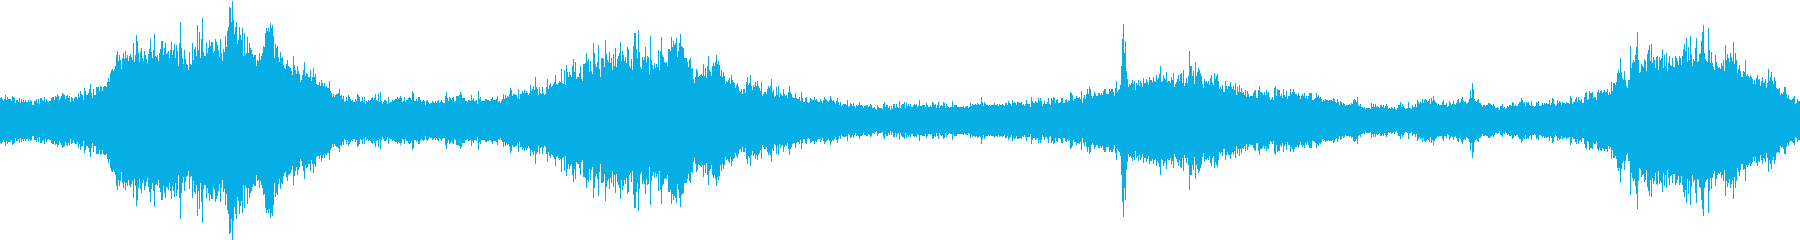 波の海の入り江の再生済みの波形